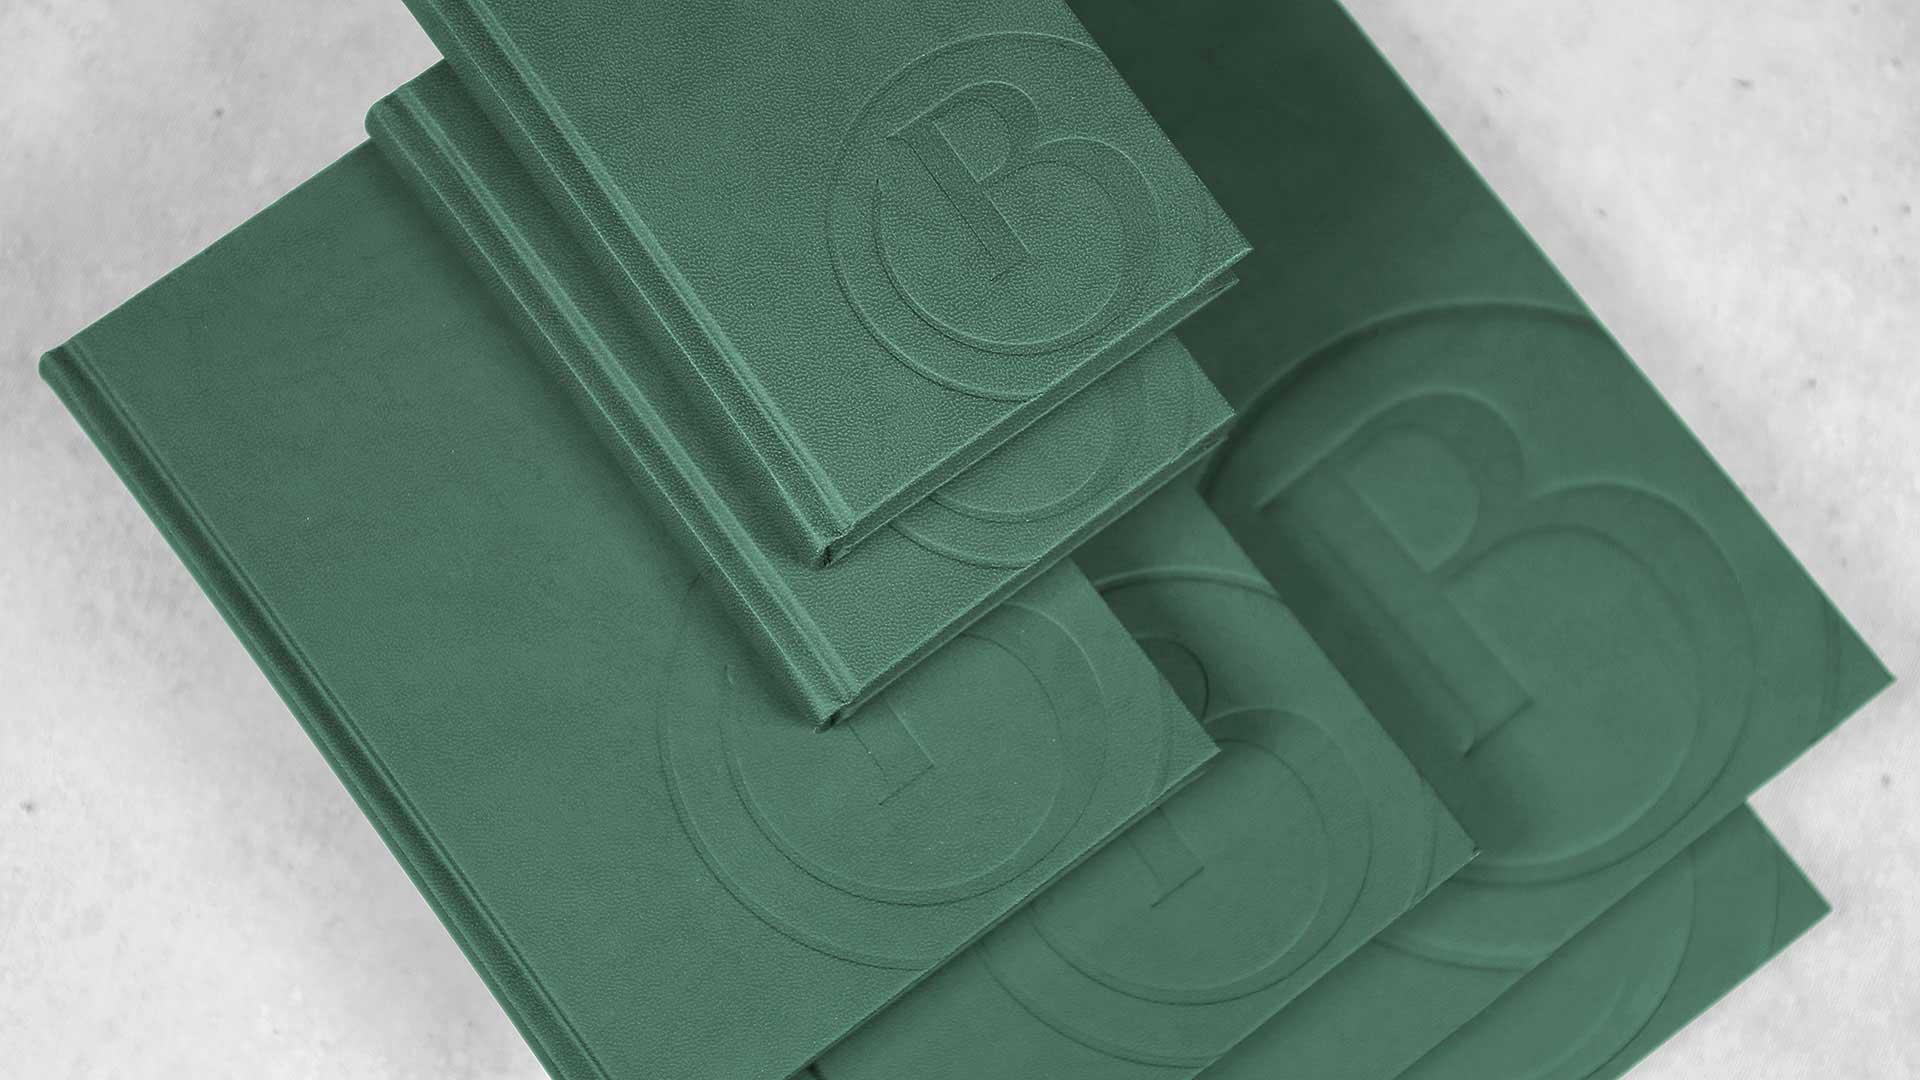 Plānotāju apdruka, reljefa iespiešana plānotājam ar zaļiem vākiem